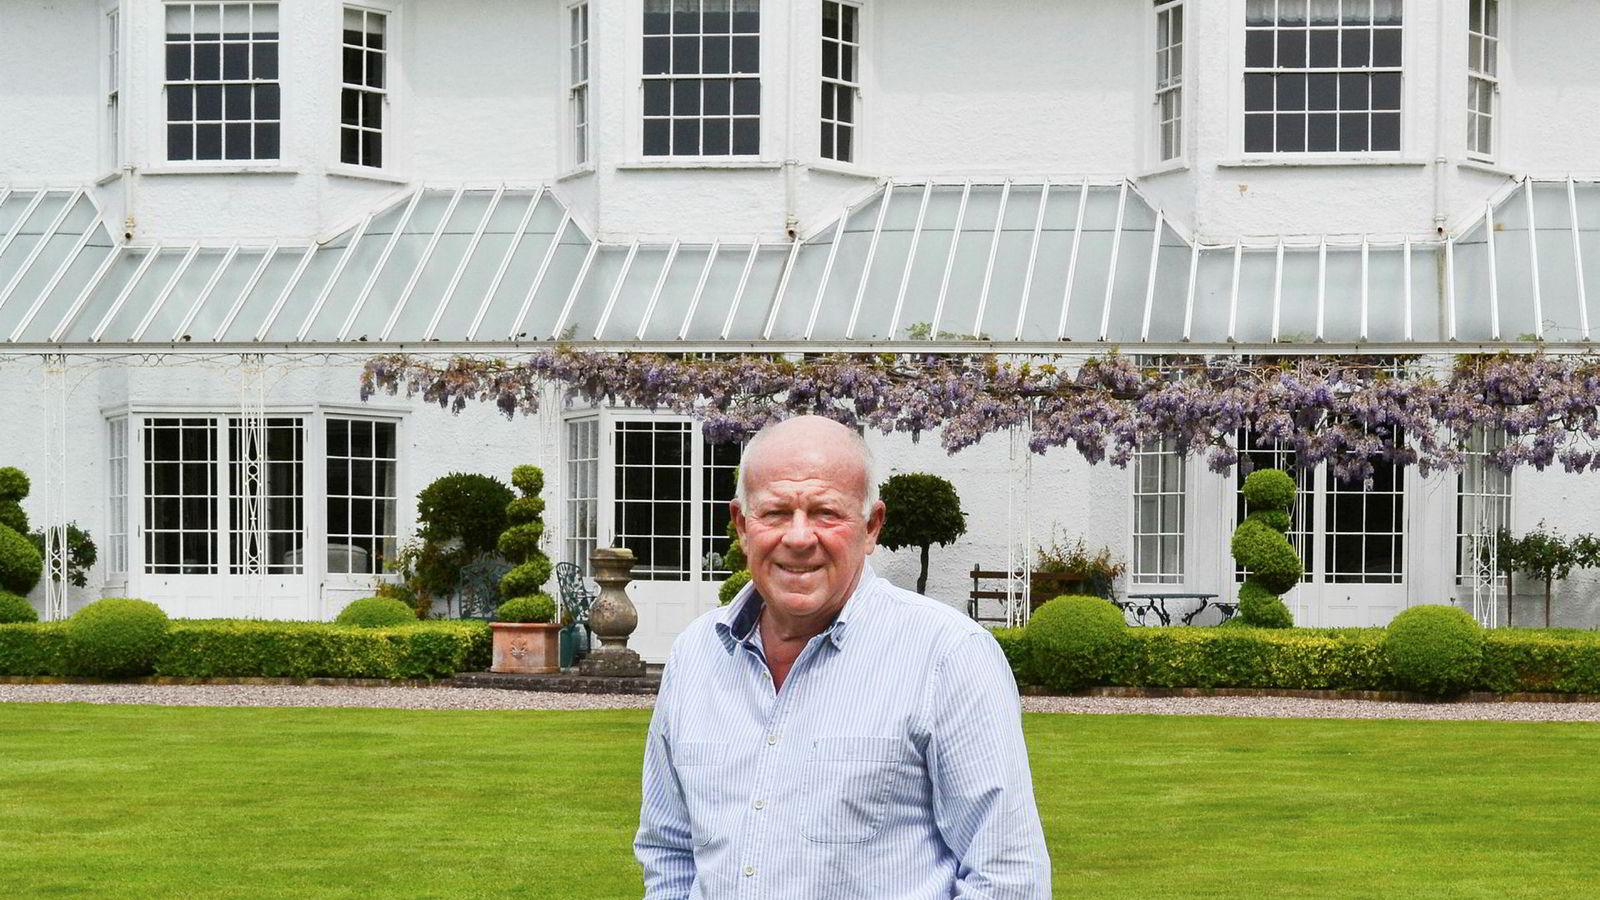 Hedgefondmilliardæren Peter Hargreaves var blant de største donorene til brexitkampanjen. Han tror nå at hele brexit blir avlyst.